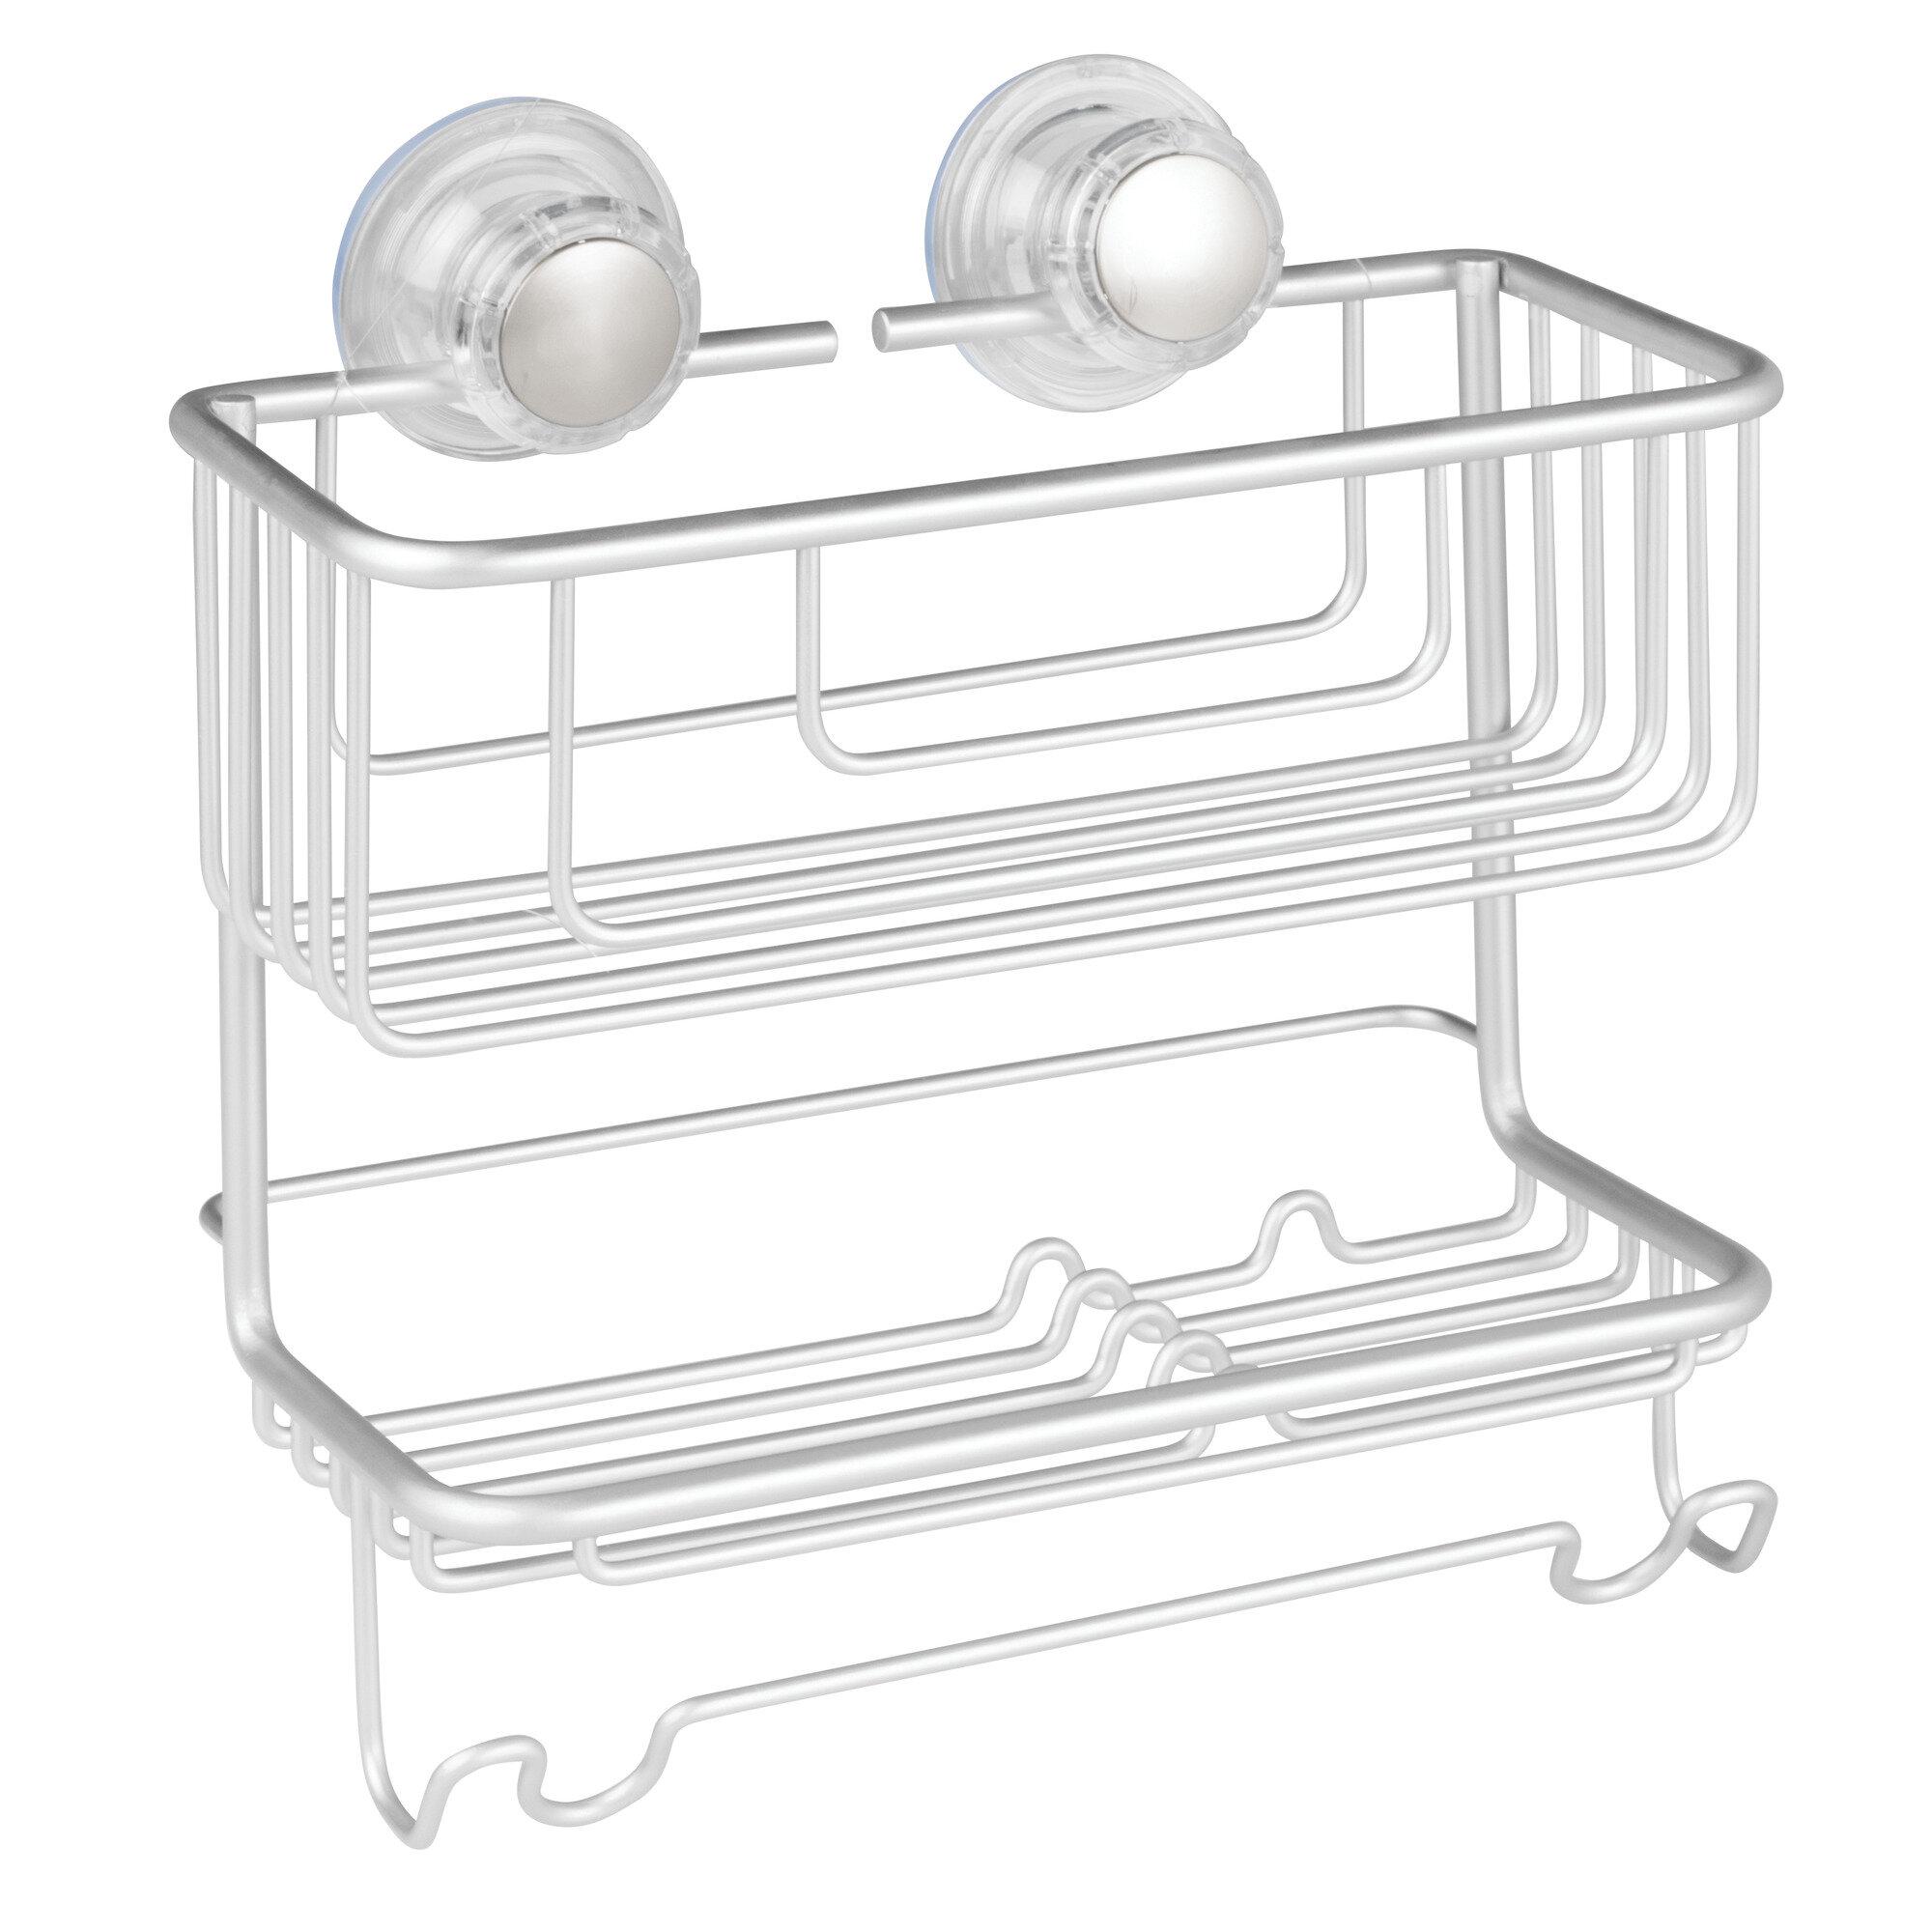 Interdesign Metro Aluminum 2 Tier Shower Caddy Reviews Wayfair